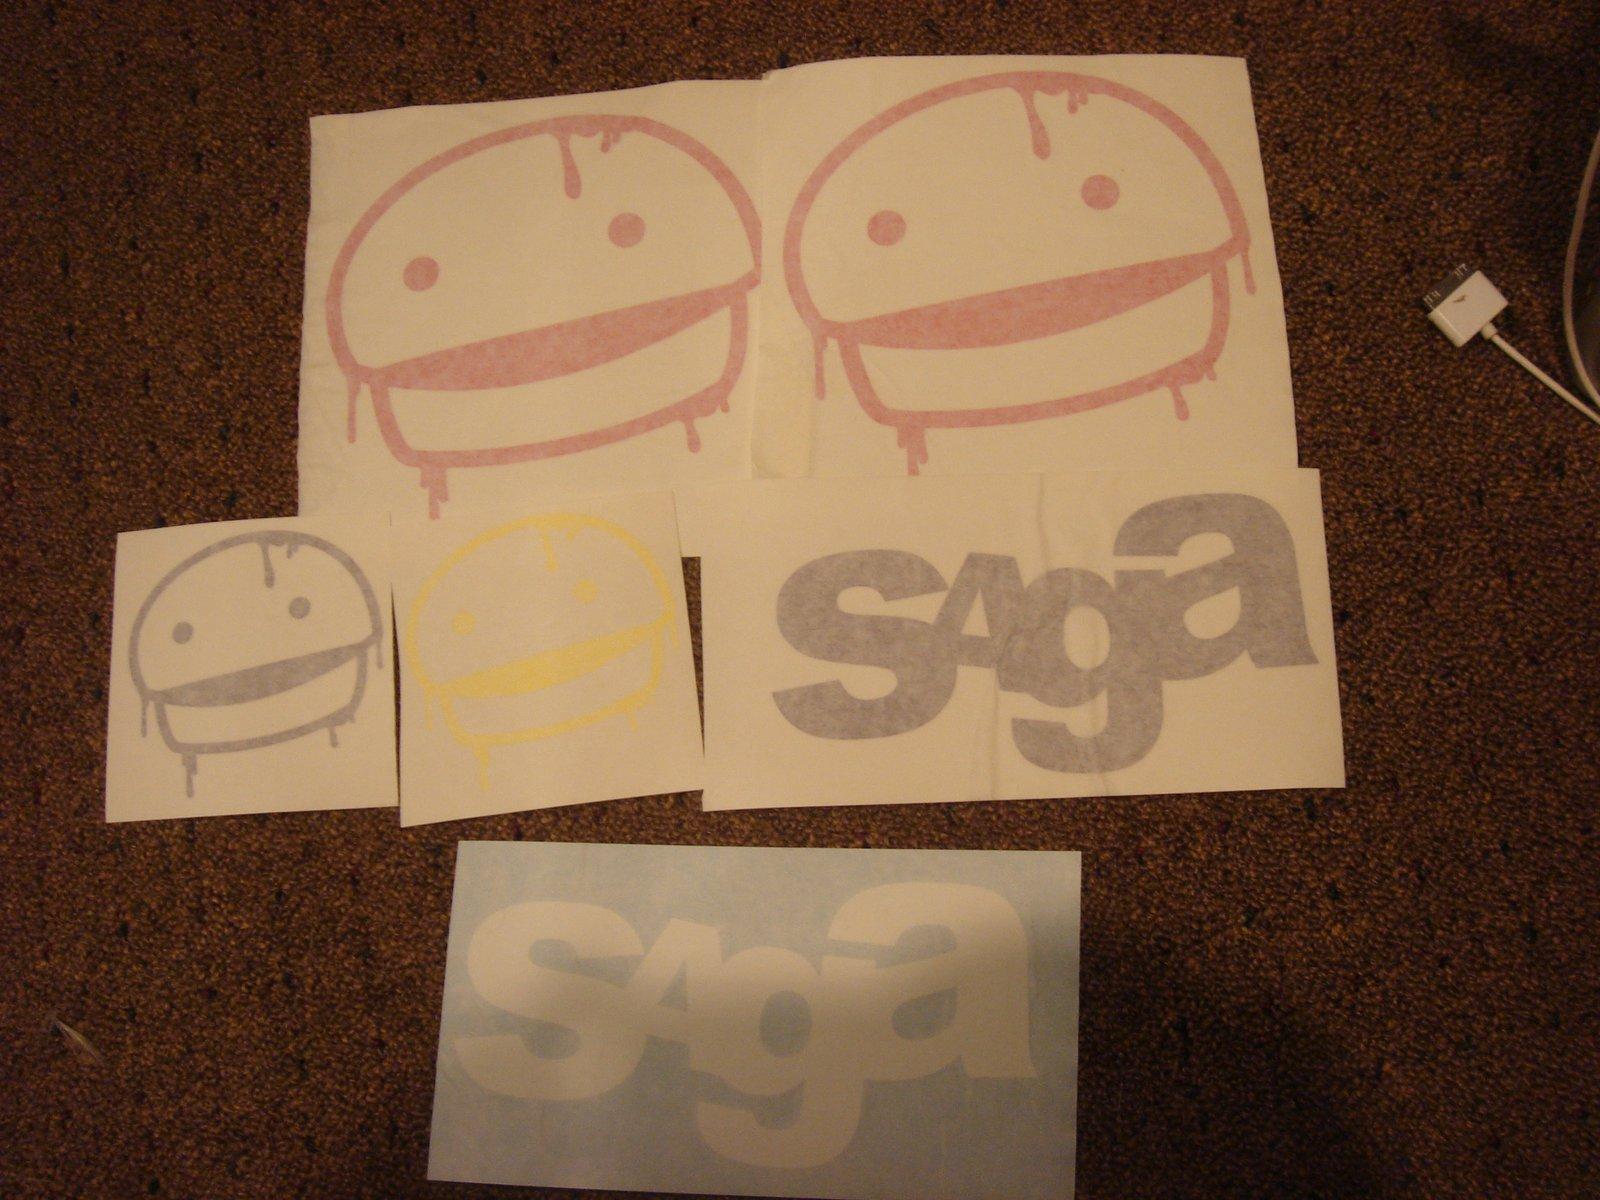 Saga for sale